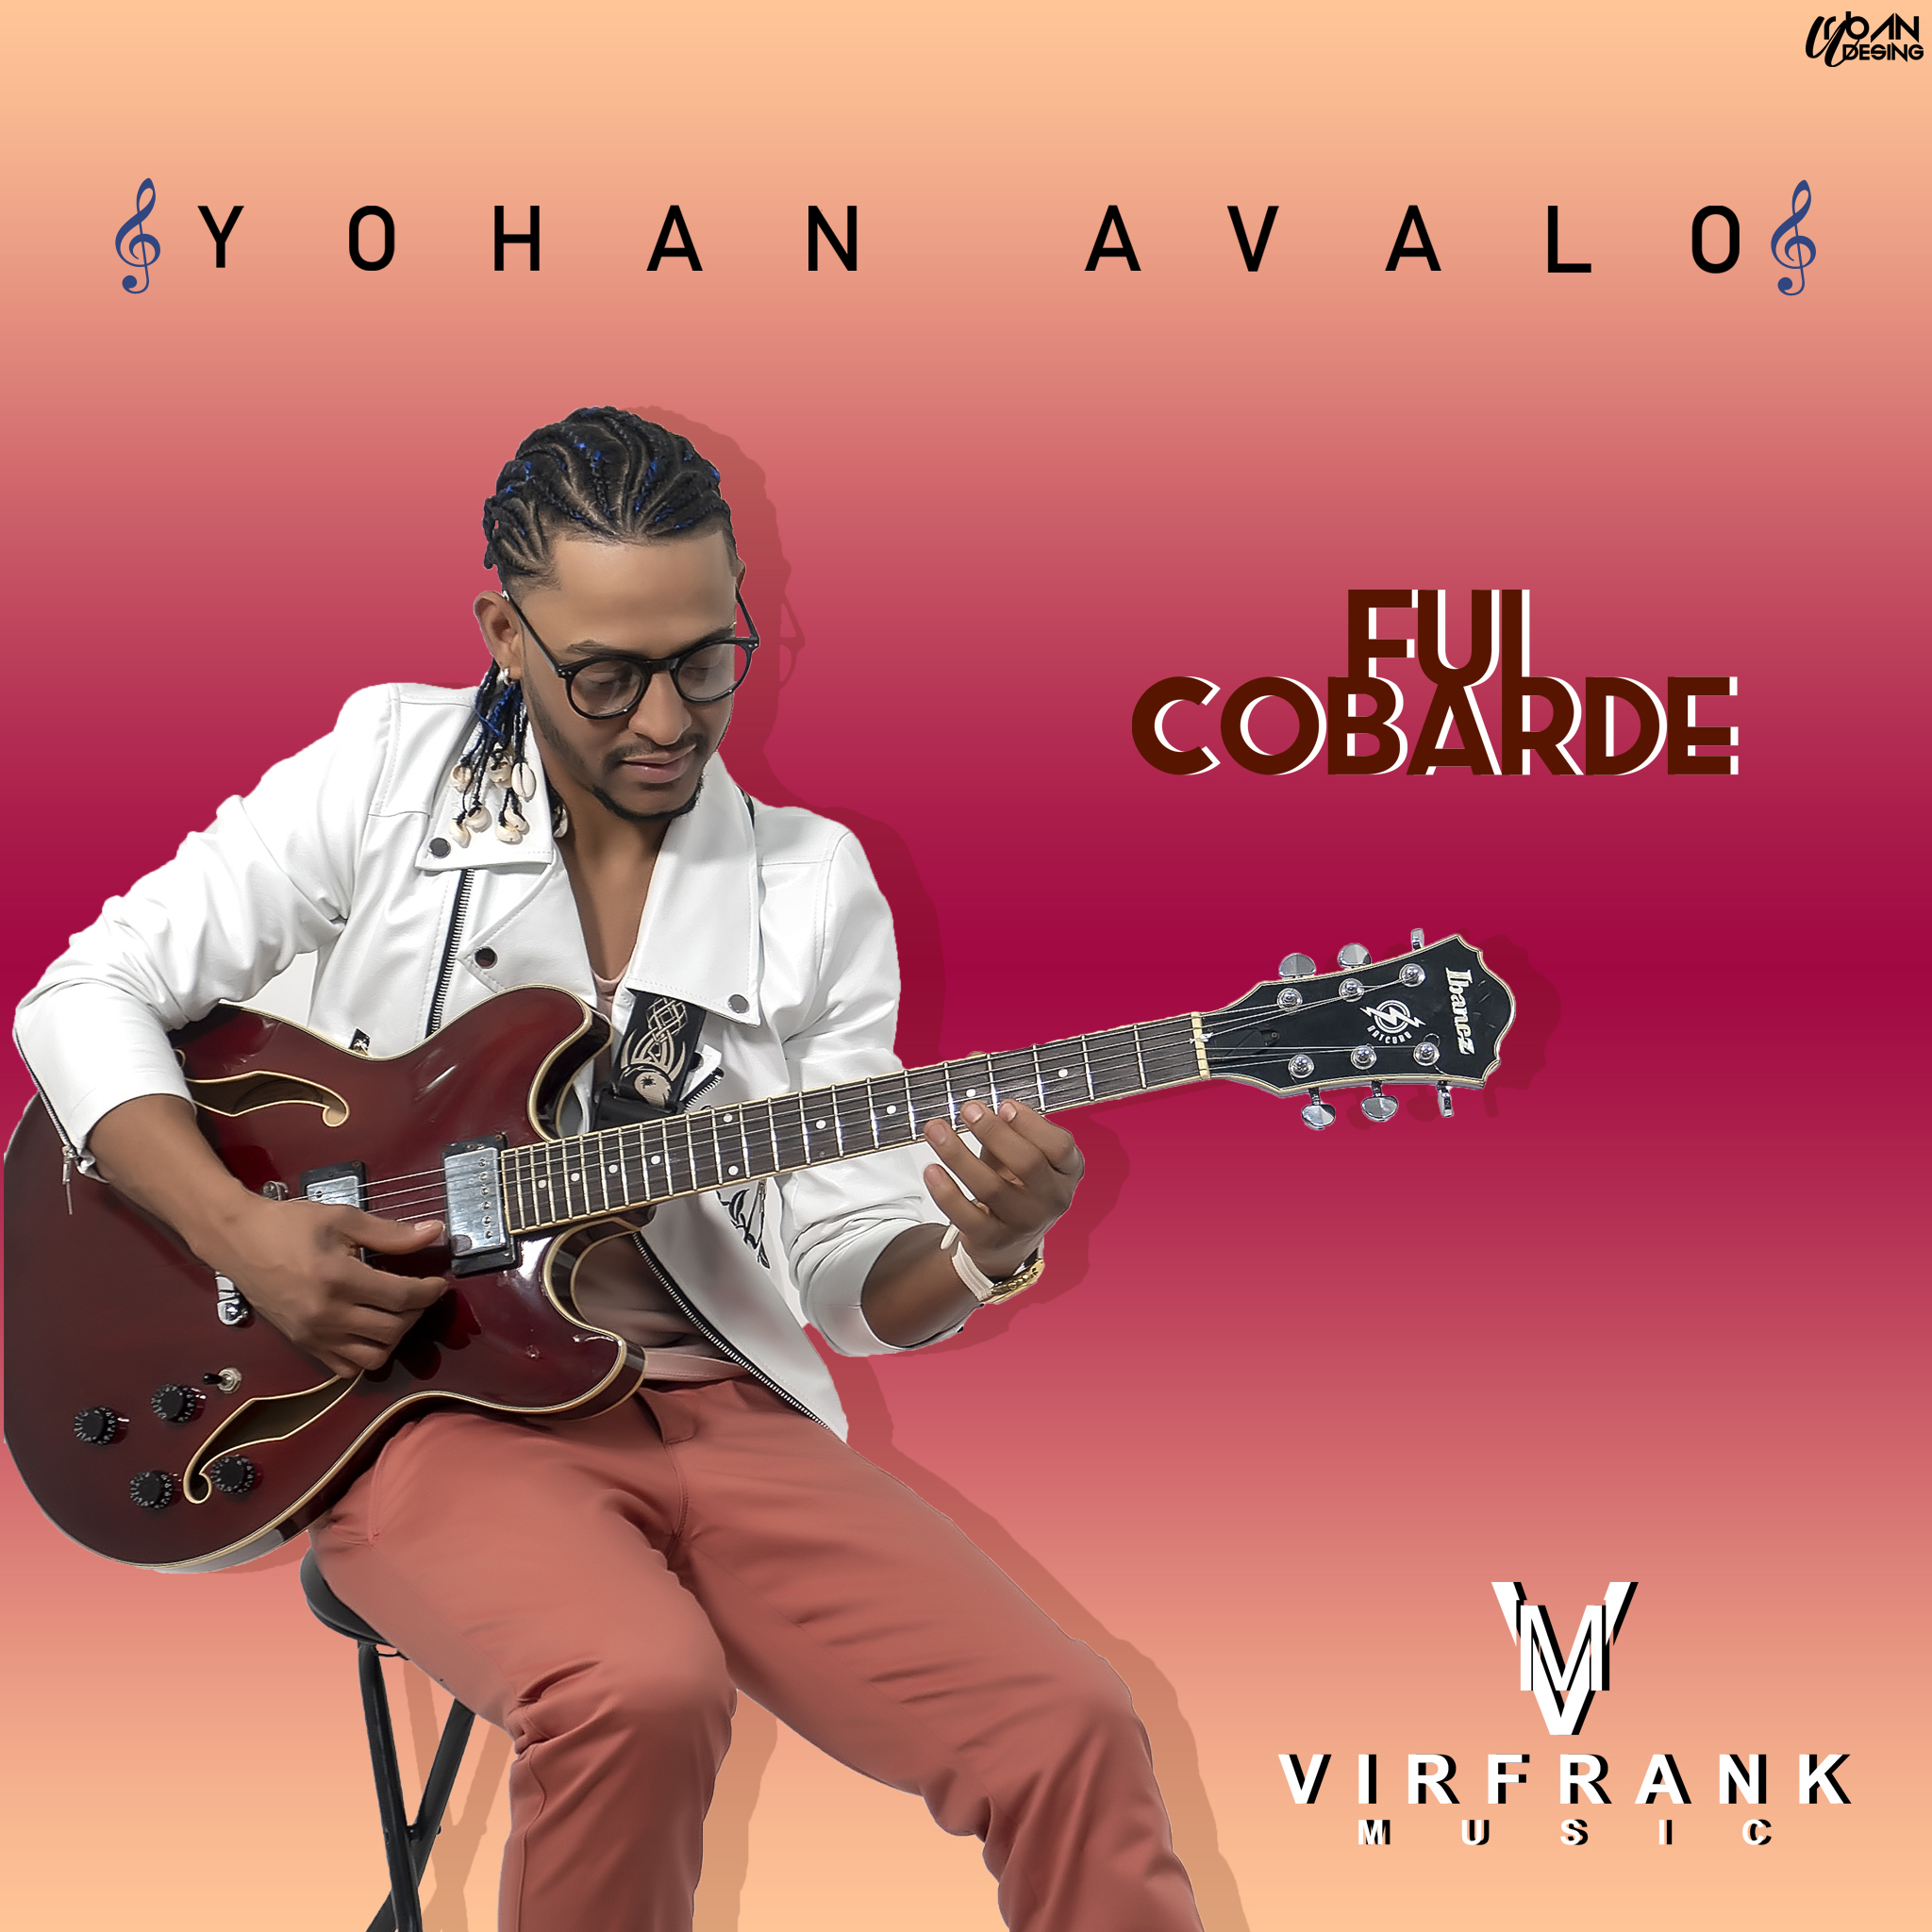 https://yohanavalo.com/wp-content/uploads/2021/03/Yohan-Avalo-Fui-Cobarde.jpg